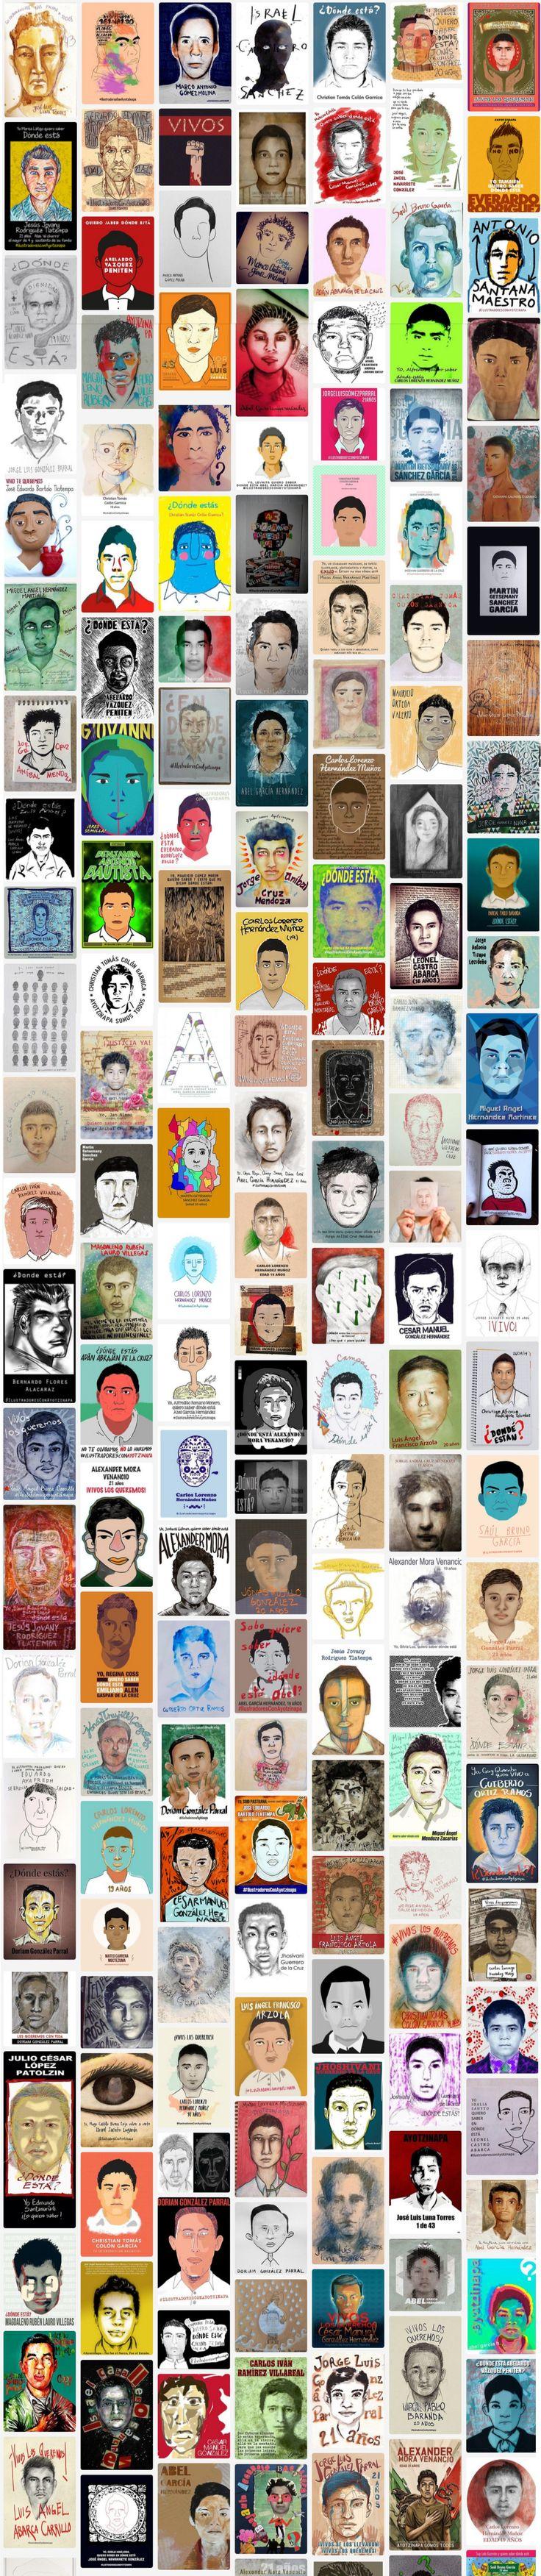 Ilustradores mexicanos dibujaron, pintaron o bordaron los rostros de los 43 estudiantes normalistas de Ayotzinapa, desaparecidos el 26 de septiembre, en Iguala, Guerrero.  #IlustradoresConAyotzinapa http://ilustradoresconayotzinapa.tumblr.com/archive